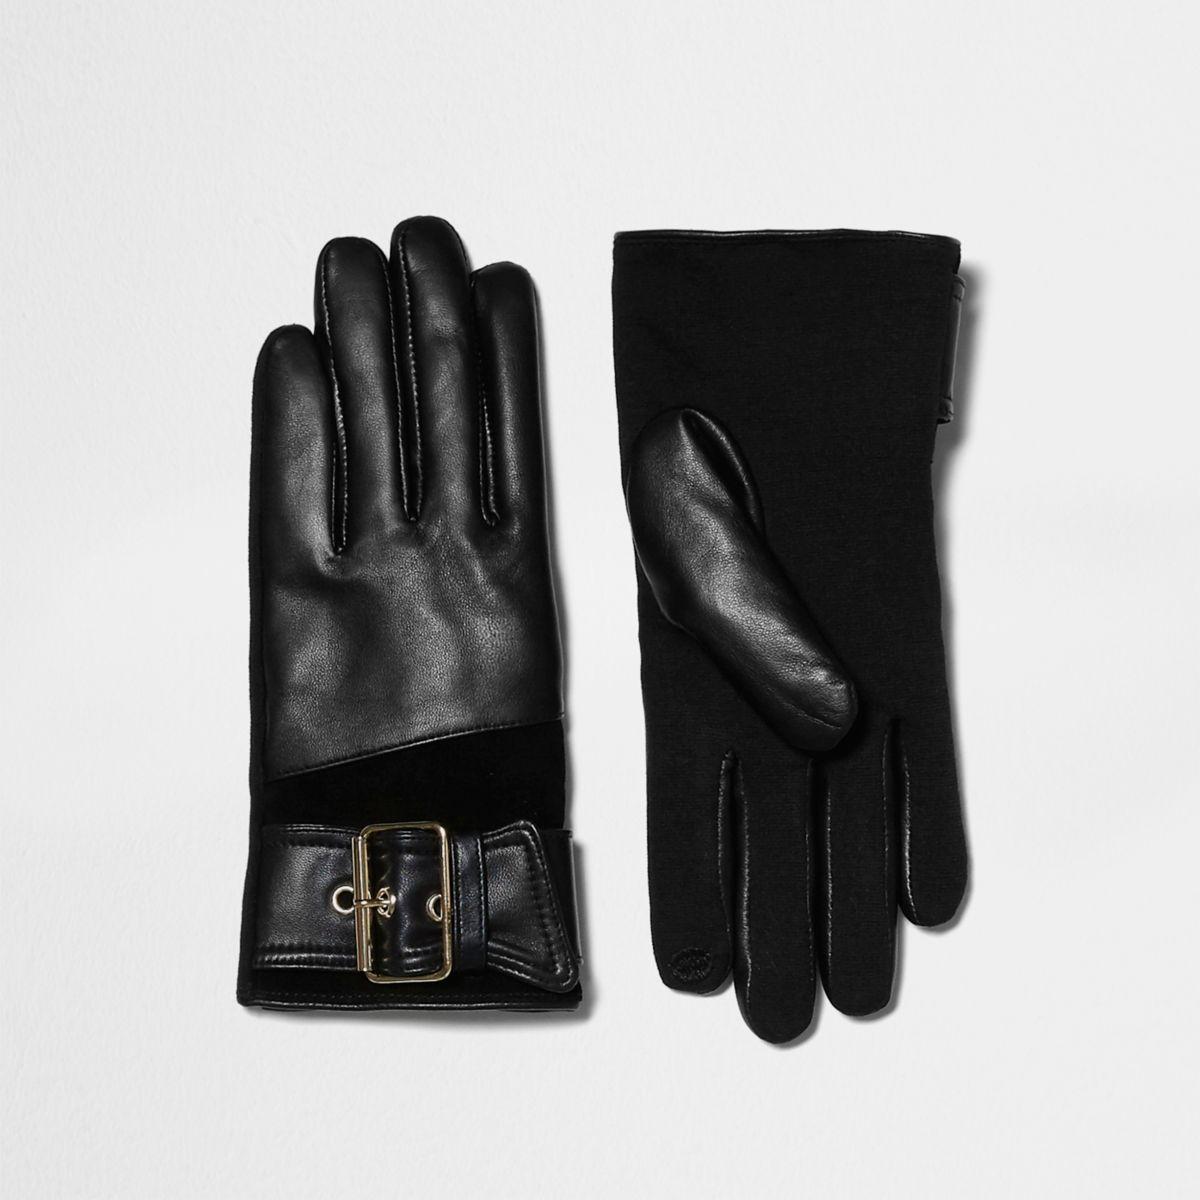 Zwarte leren handschoenen met gesp en rand van imitatiebont